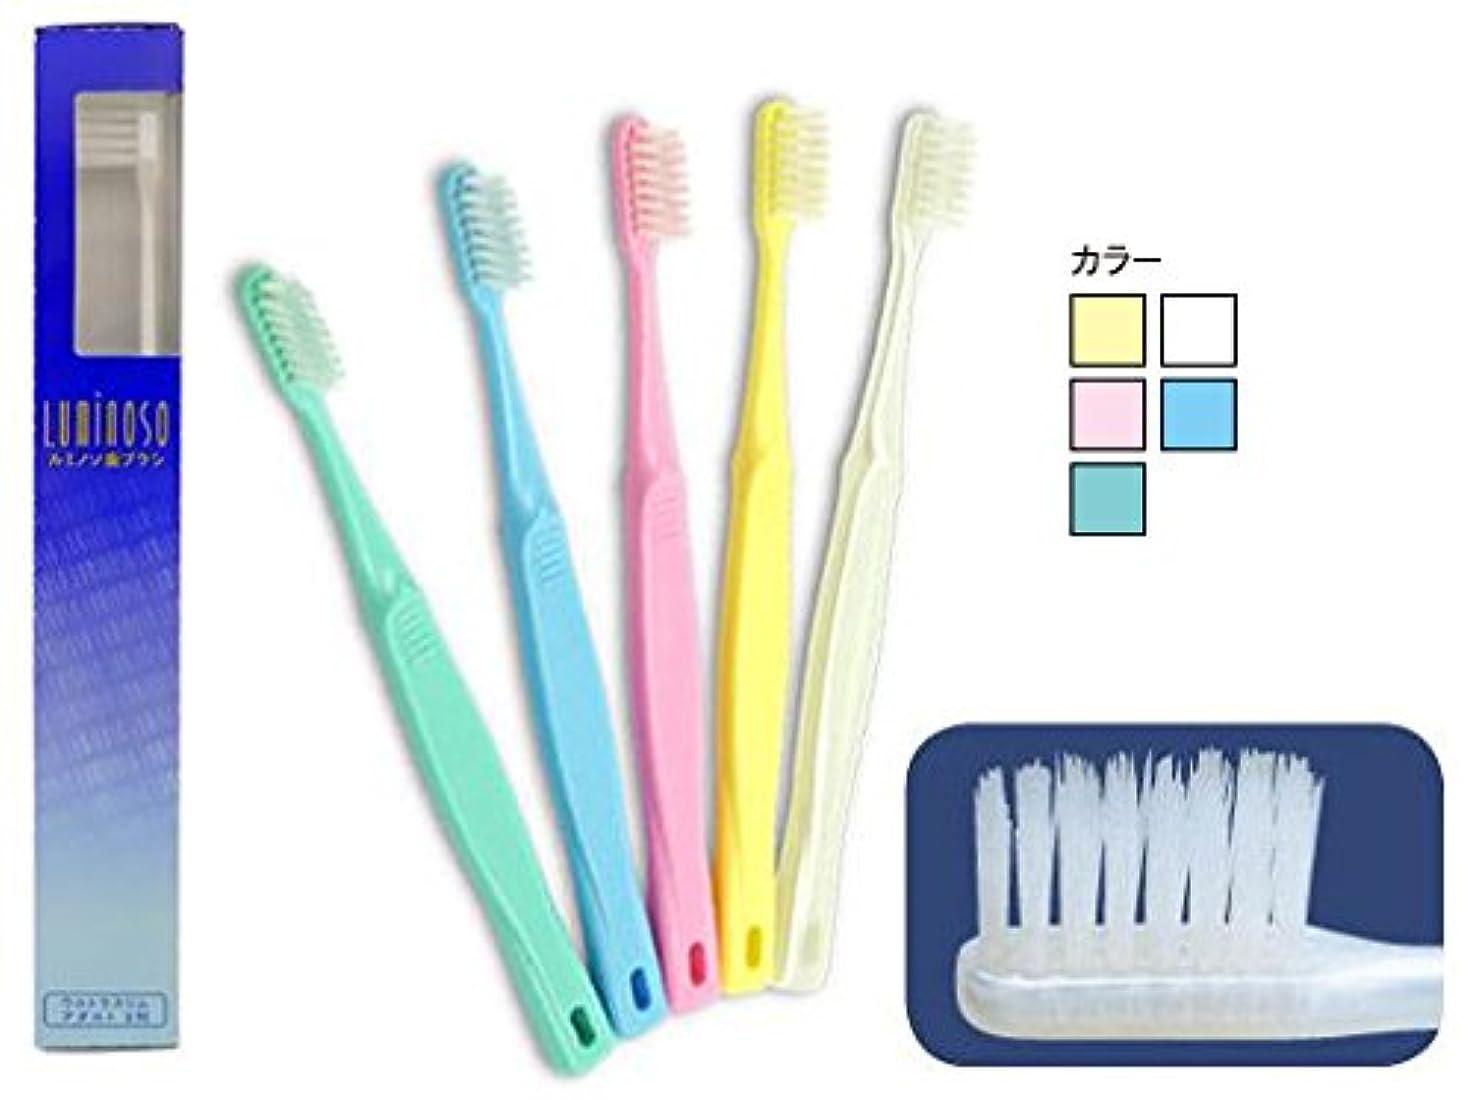 自然こねる予防接種するルミノソ 歯ブラシ ウルトラスリム アダルト 3列 10本 (カラー指定不可)